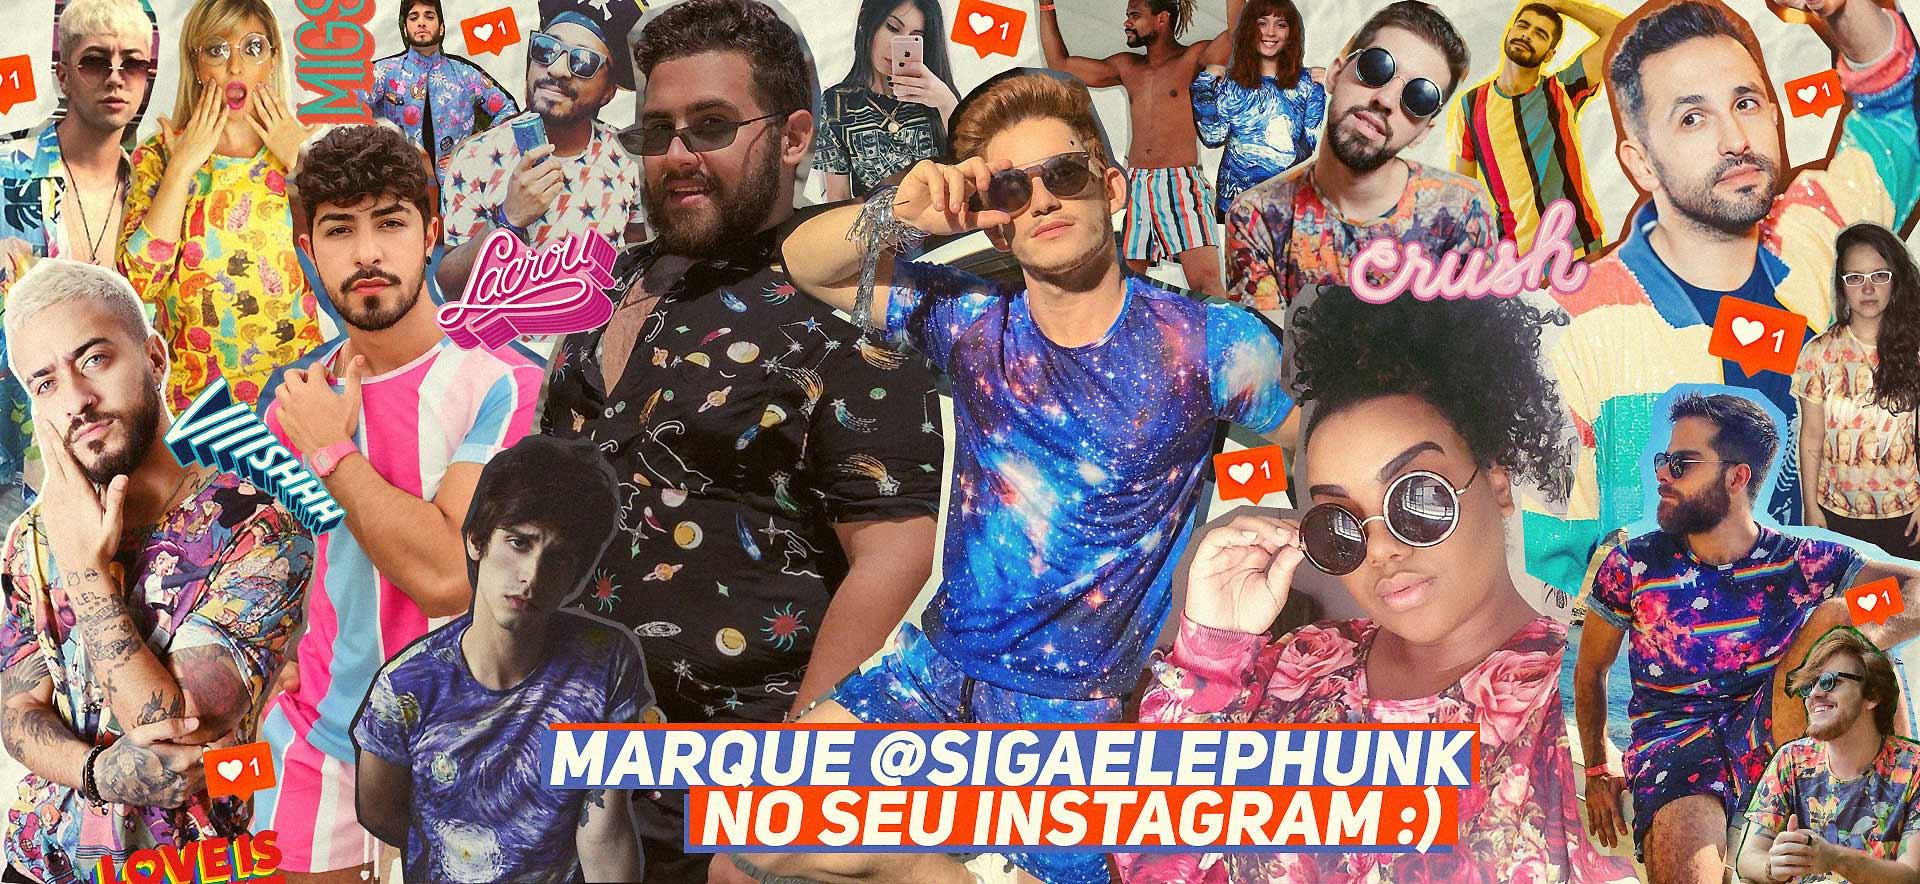 Marque a @sigaelephunk nas fotos do seu Instagram!